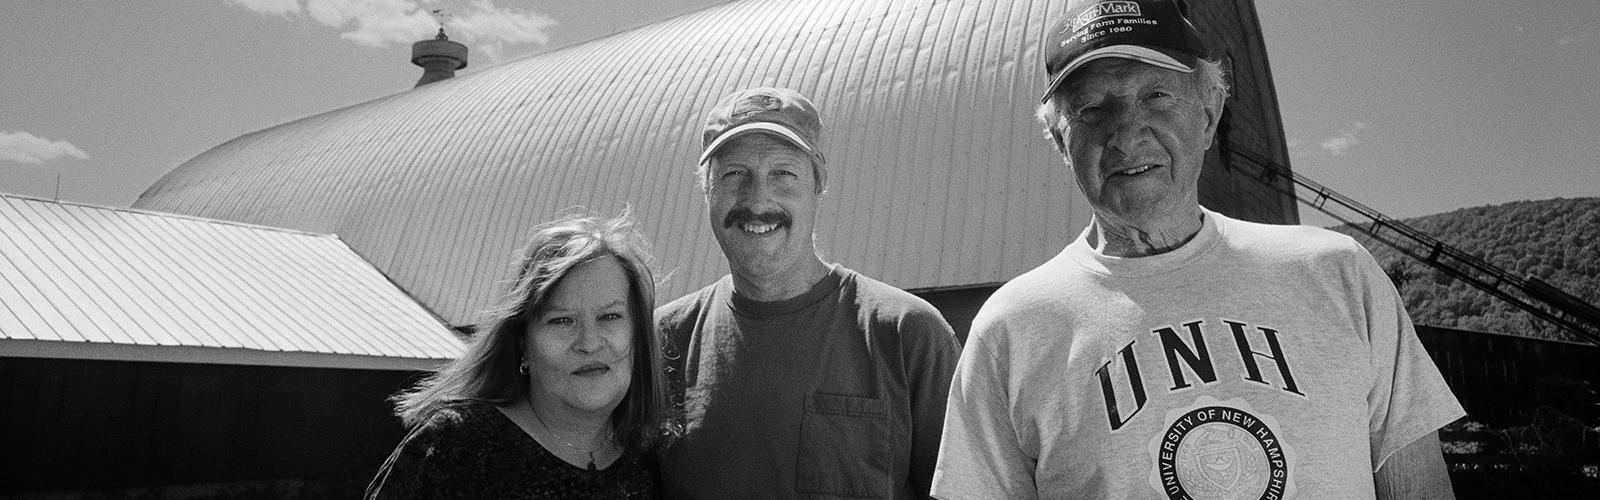 Barbara, Bob and Jim Williams at Mt. Toby Farm